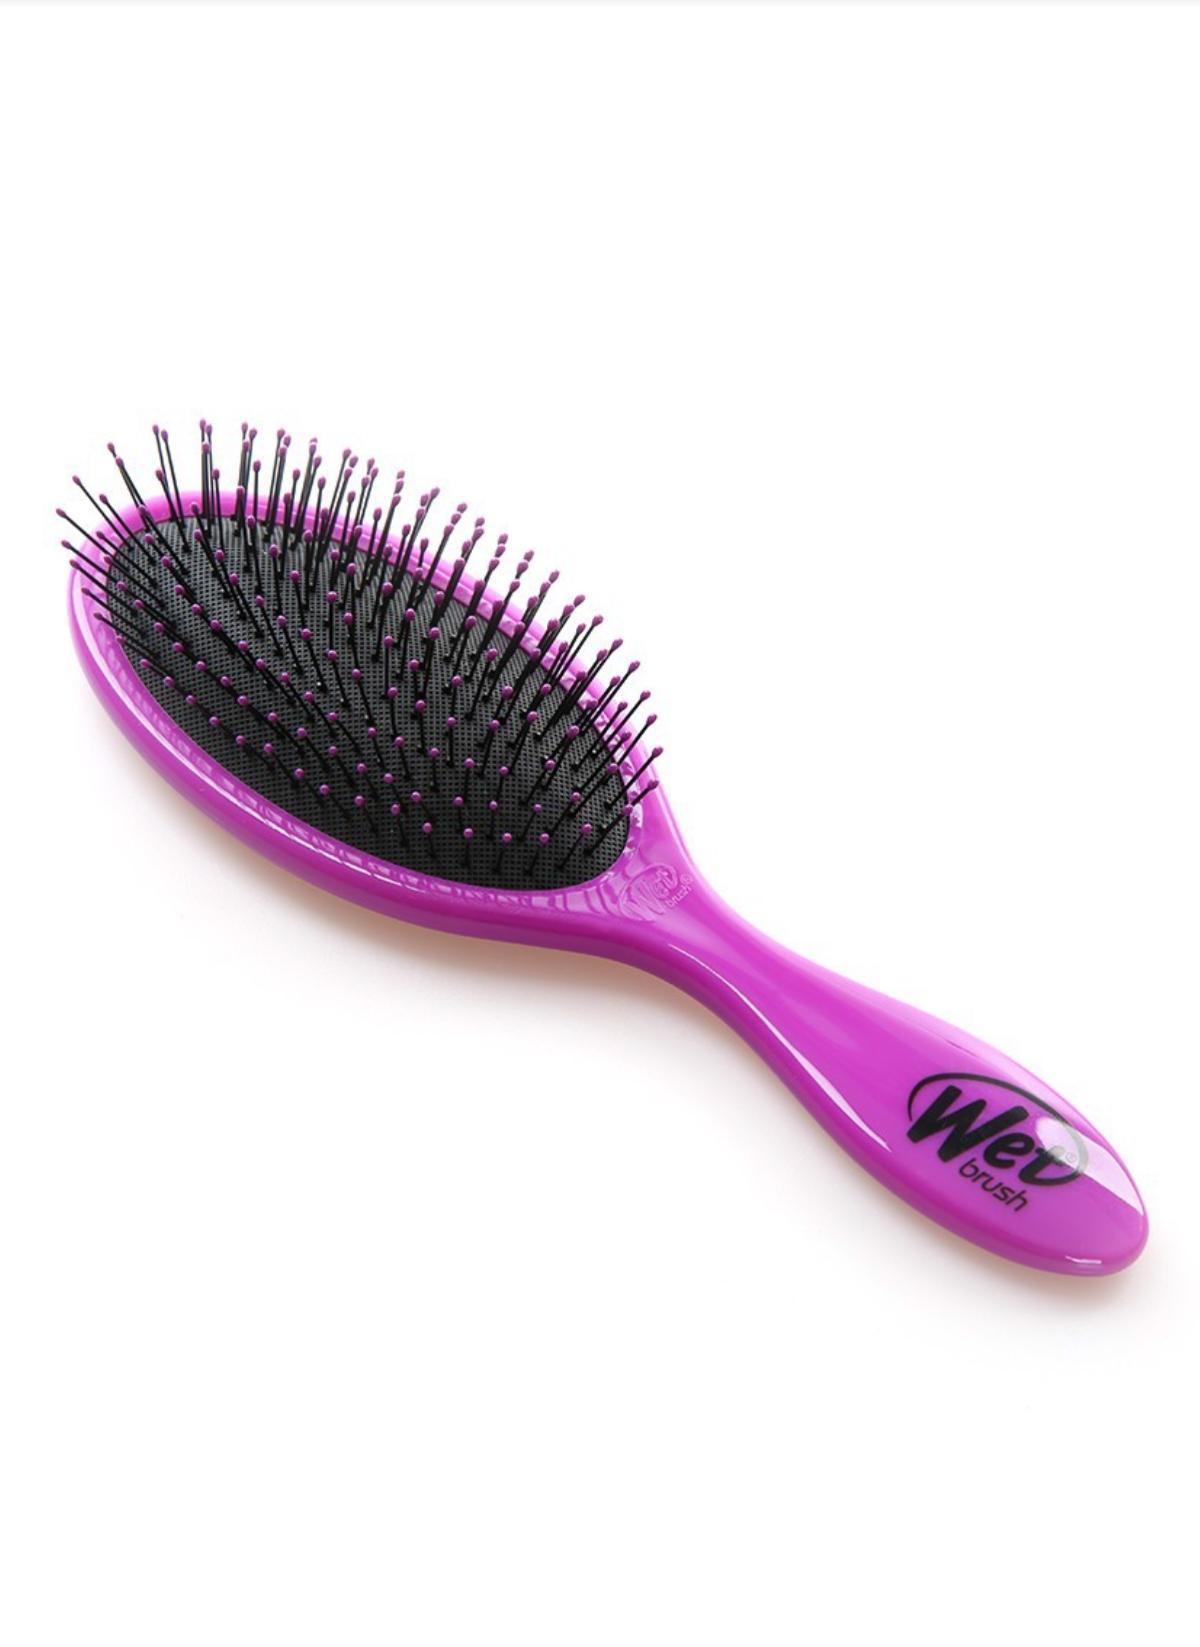 Lược gỡ rối WET BRUSH - Peace Sticker Set (Purple) BWP830PEAC lược chải tóc gỡ rối truyền thống (màu tím) chính hãng